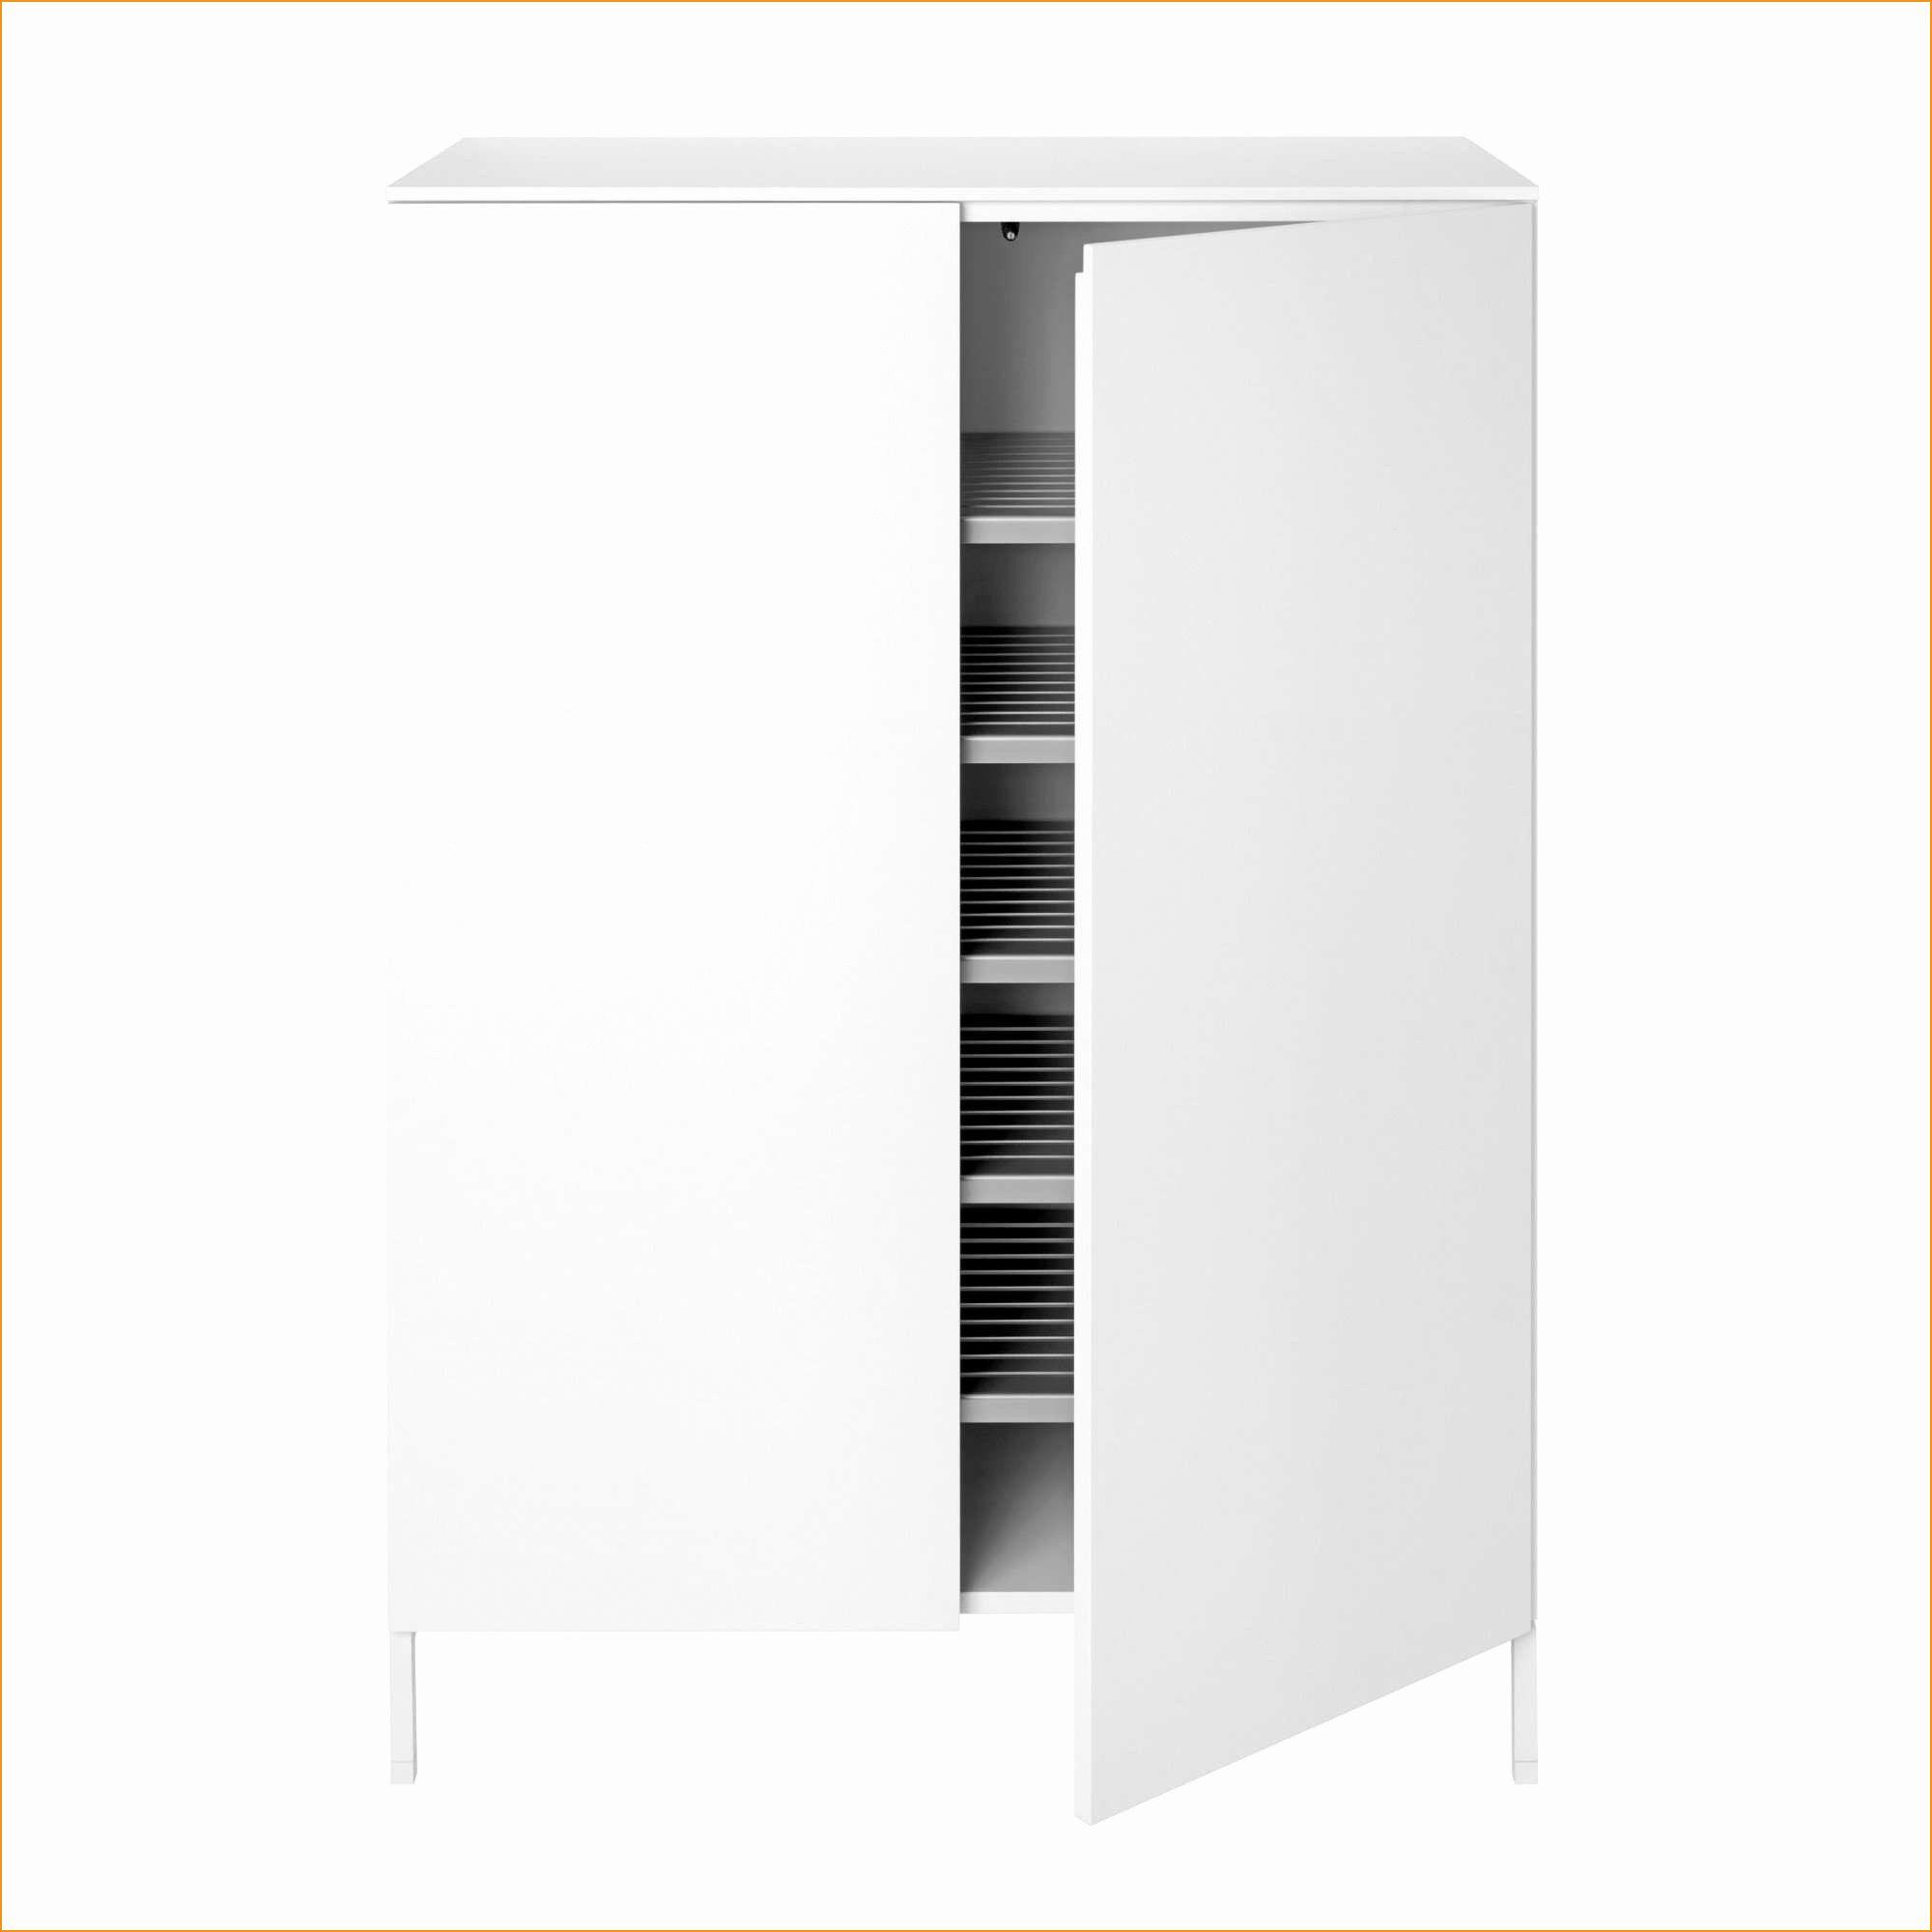 Schuhregal 40 Cm Breit In 2020 Locker Storage Home Decor Room